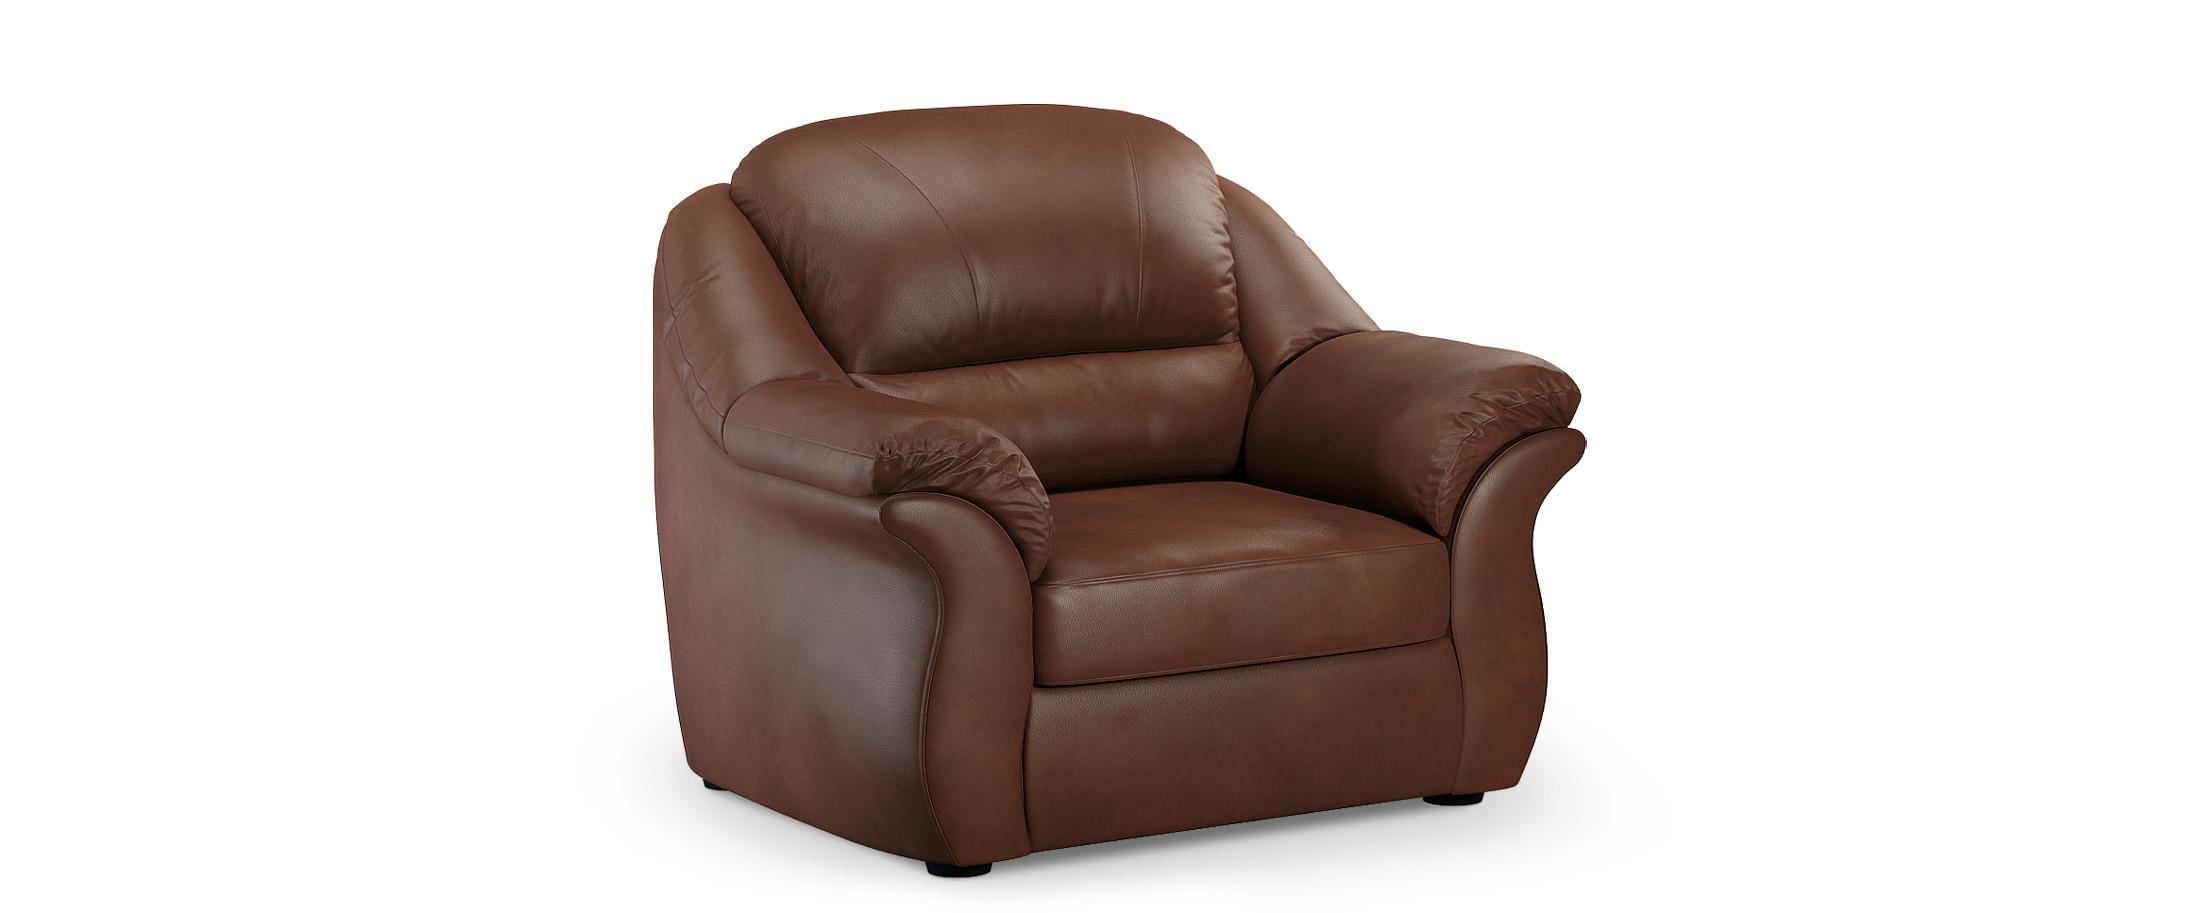 Кресло кожаное Бостон 017Купить кожаное кресло Бостон от производителя. Доставка от 1 дня. Подъём, сборка, вынос упаковки. Гарантия 18 месяцев. Интернет-магазин мебели MOON TRADE.<br><br>Ширина см: 117<br>Глубина см: 92<br>Высота см: 99<br>Мягкий настил: ППУ<br>Основание: Резинотканевые ремни<br>Материал: Кожа<br>Цвет: Коричневый